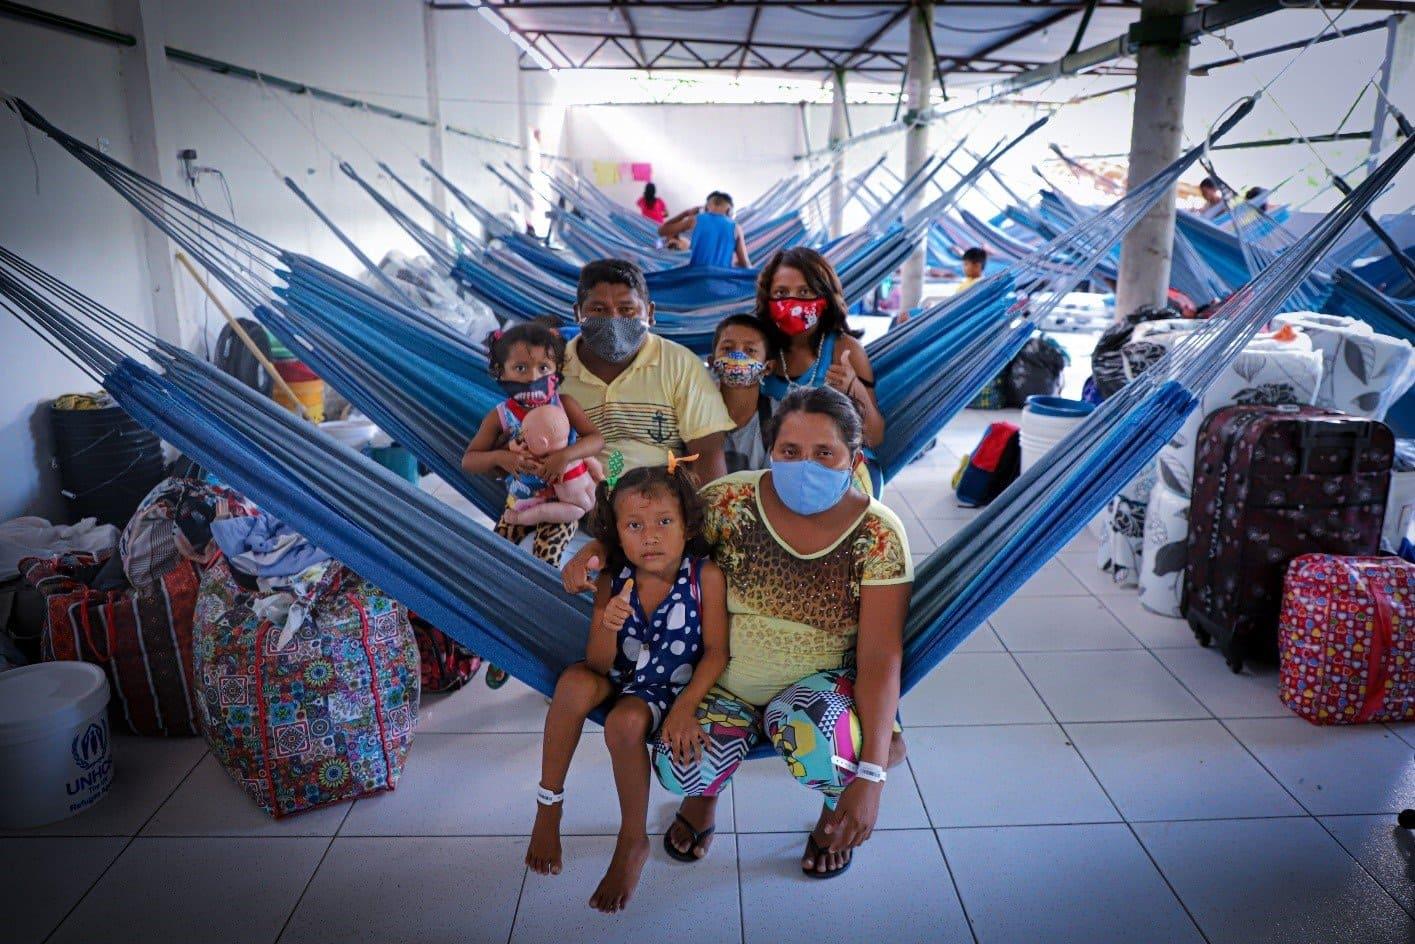 Foto de família de indígenas venezuelanos da etnia Warao na capital do estado do Amazonas, ilustra Lançamento de cartilhas que orientam atendimento ao indígena refugiado e migrante da Venezuela.